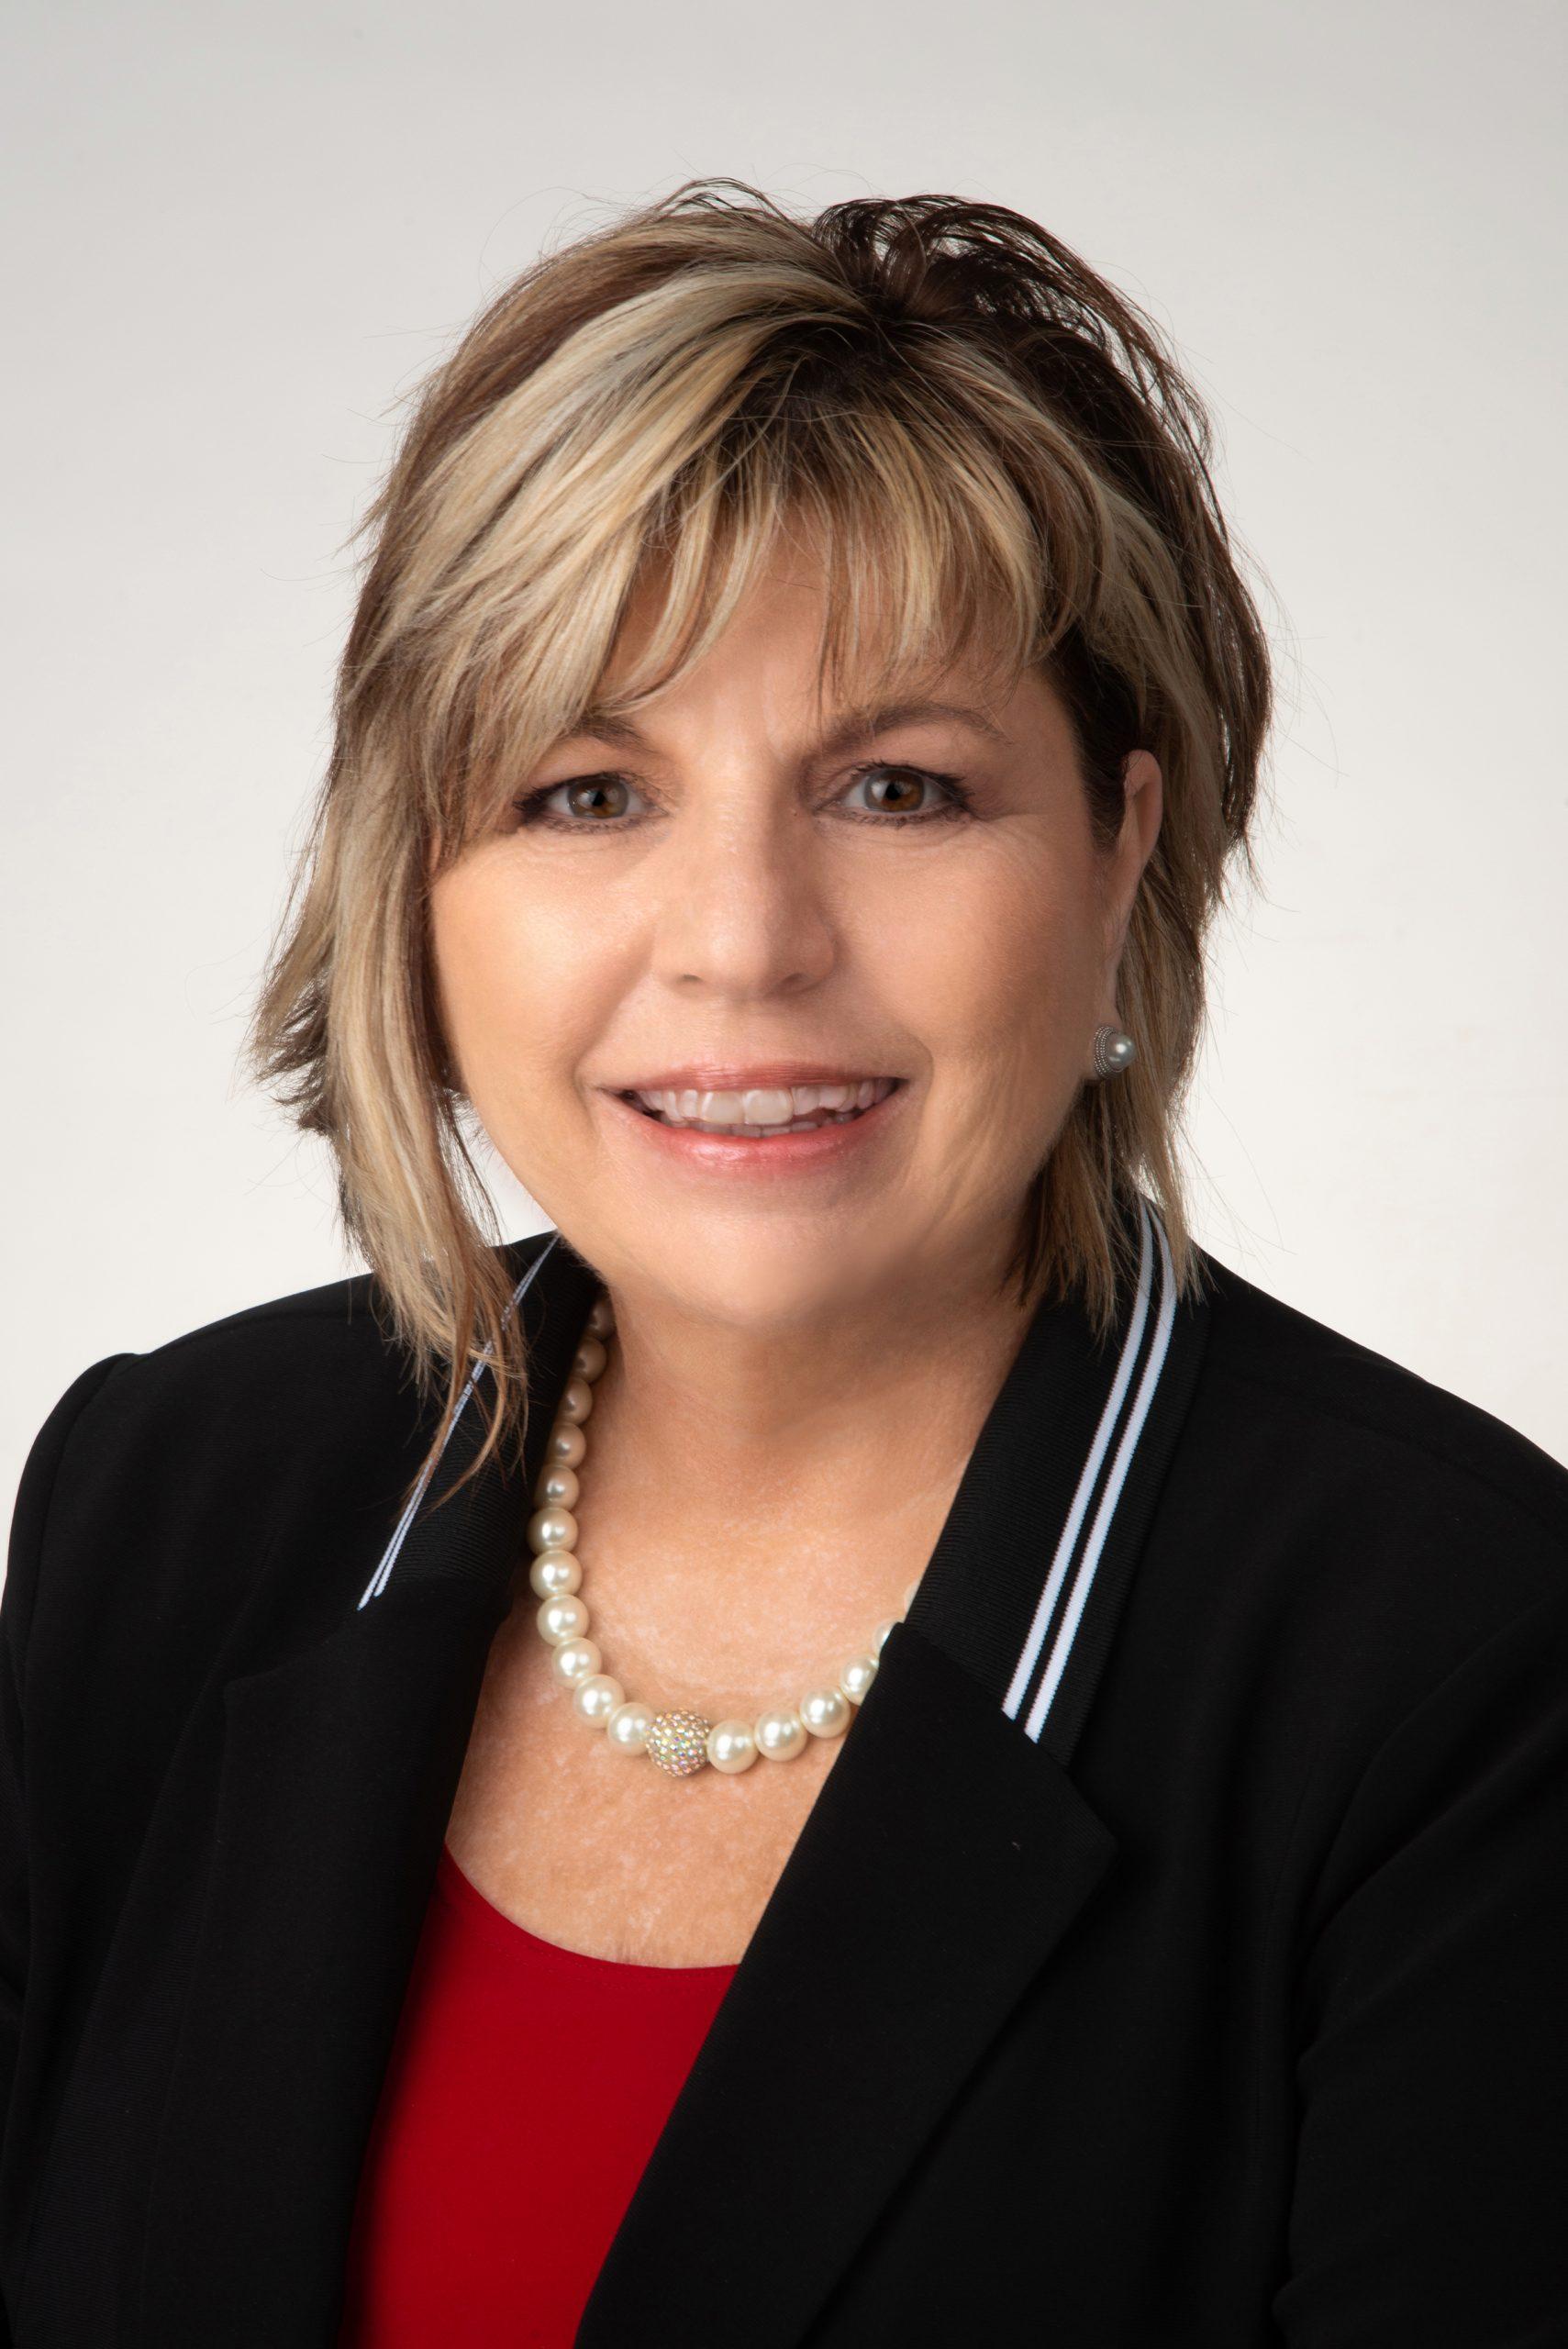 Linda Knapp